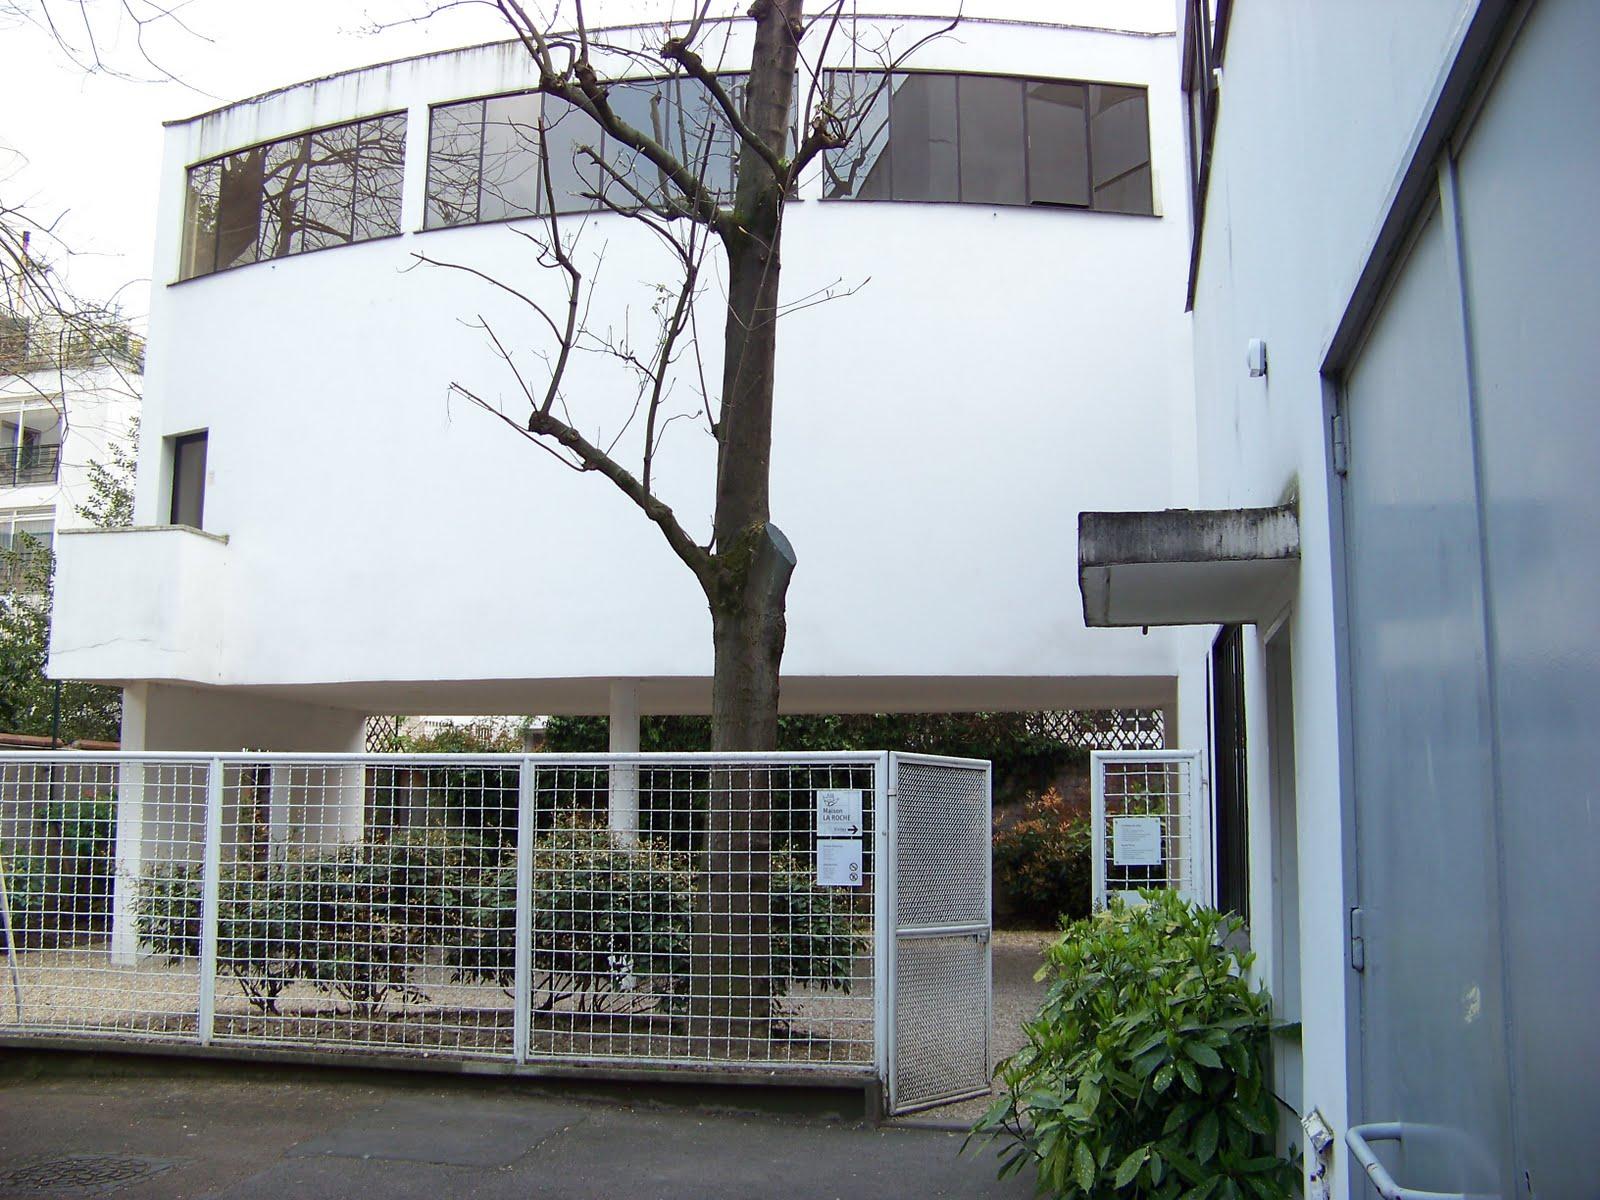 Maison la roche 1923 1925 le corbusier - 10 square du docteur blanche 75016 paris ...